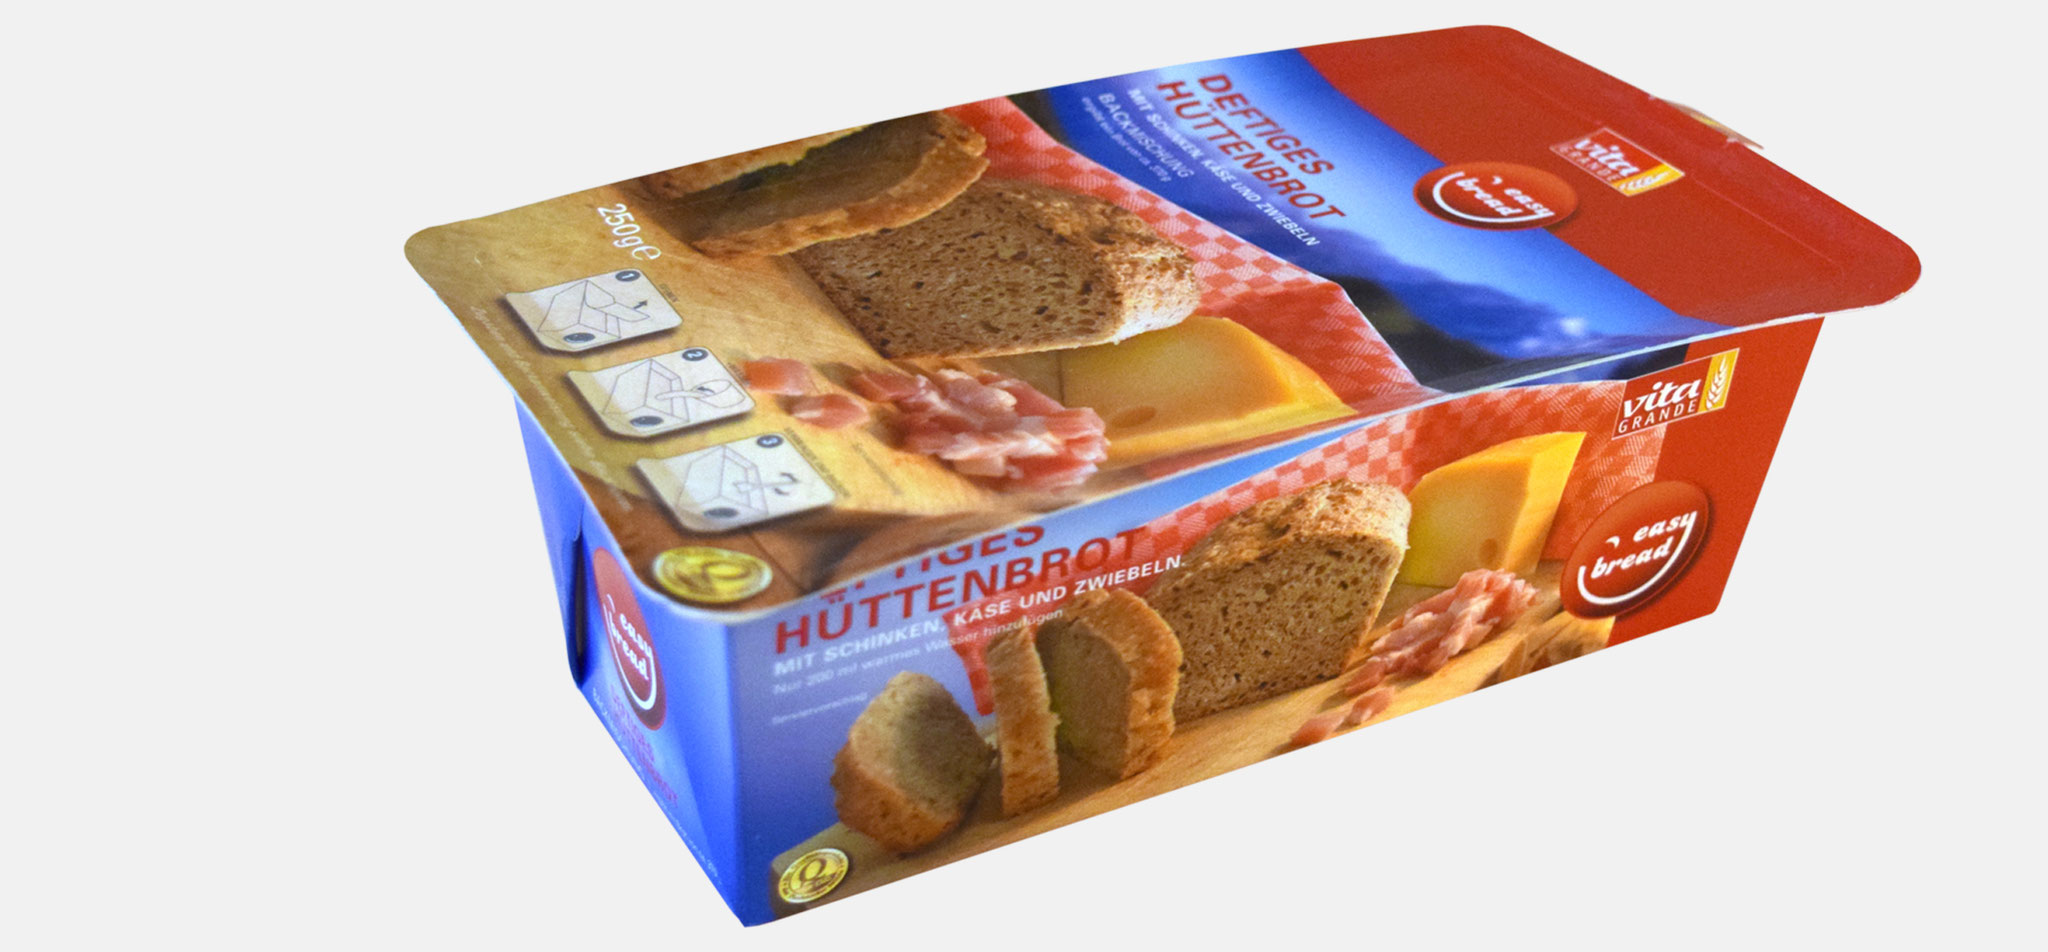 FLECHTORFER MÜHLE | verpackung vita grande easy bread – infragrau, gute gestaltung